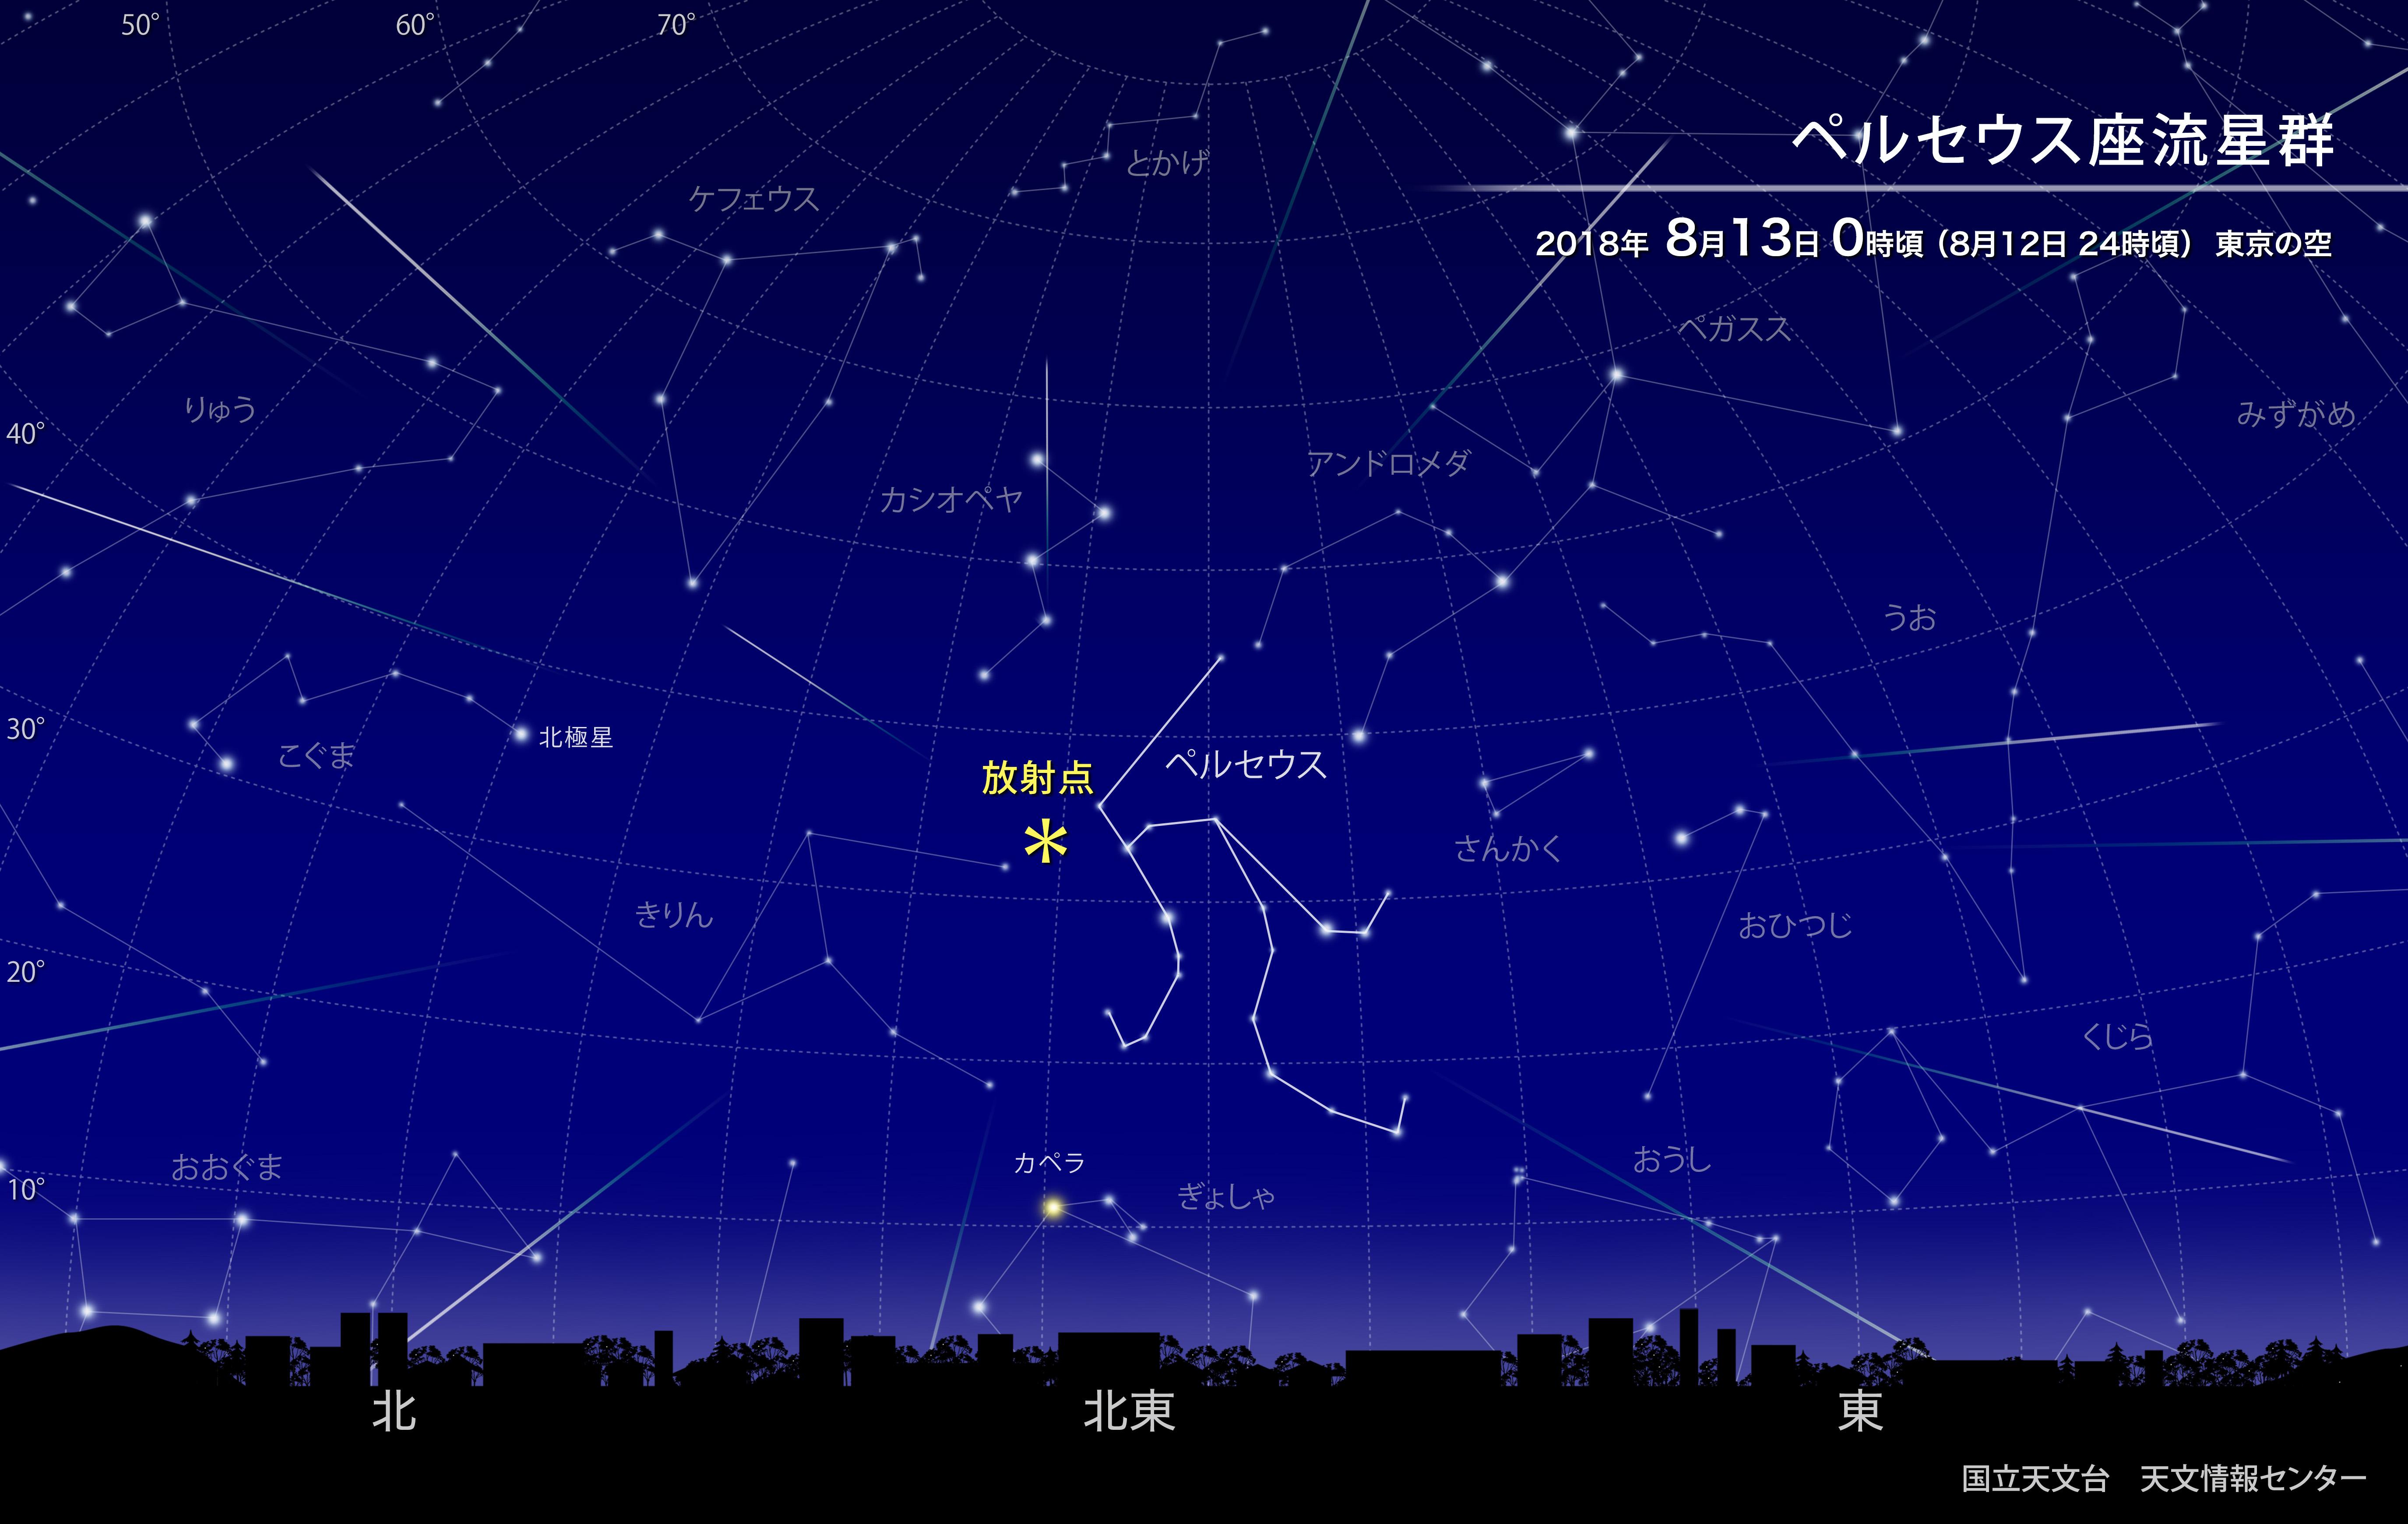 ペルセウス座流星群の放射点の位置を示した図 画像サイズ:中解像度(2000 x 1265)